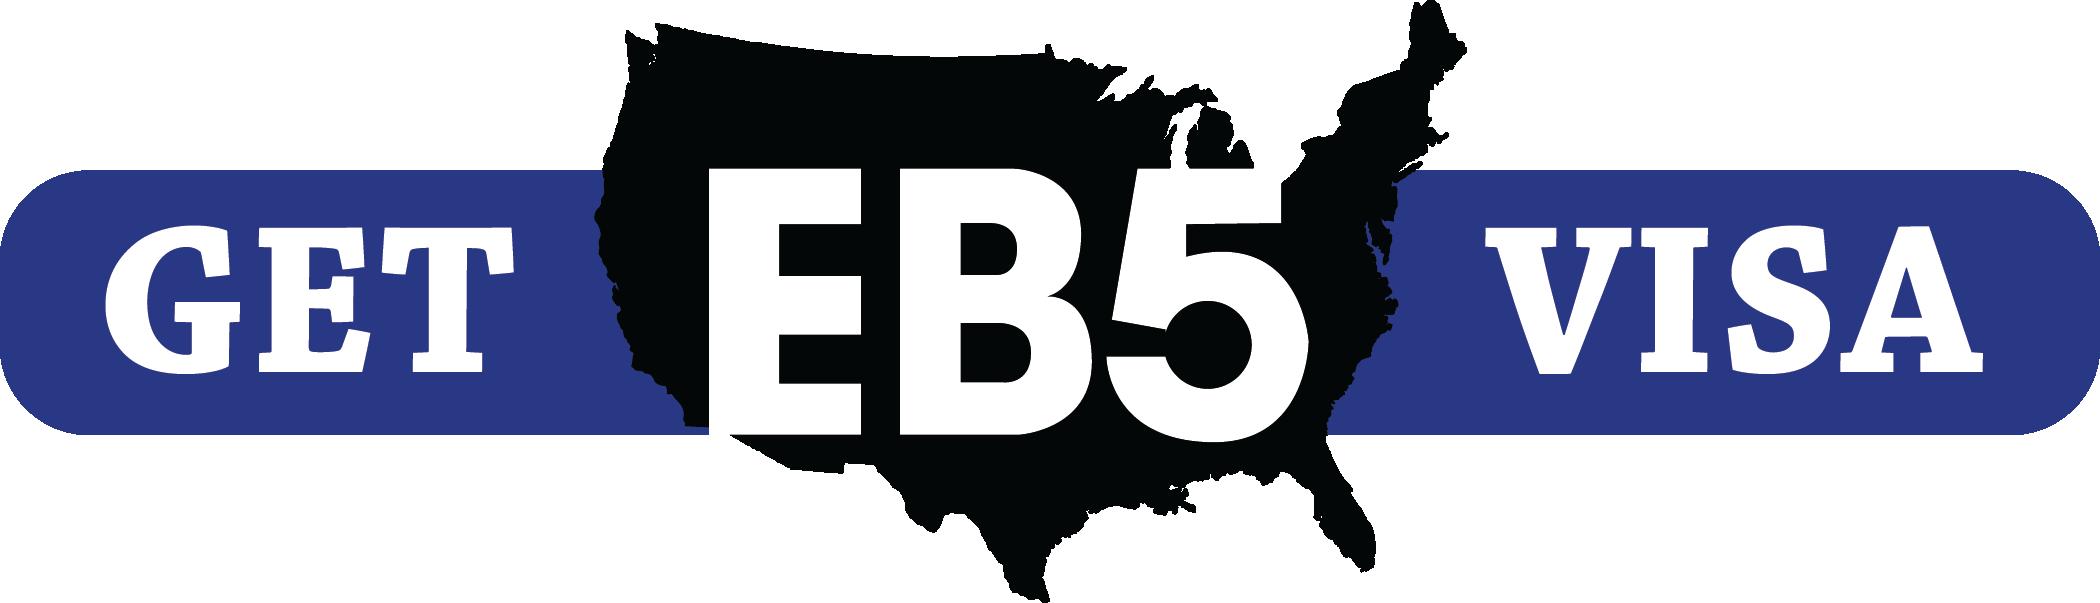 Get EB5 Visa Seminar